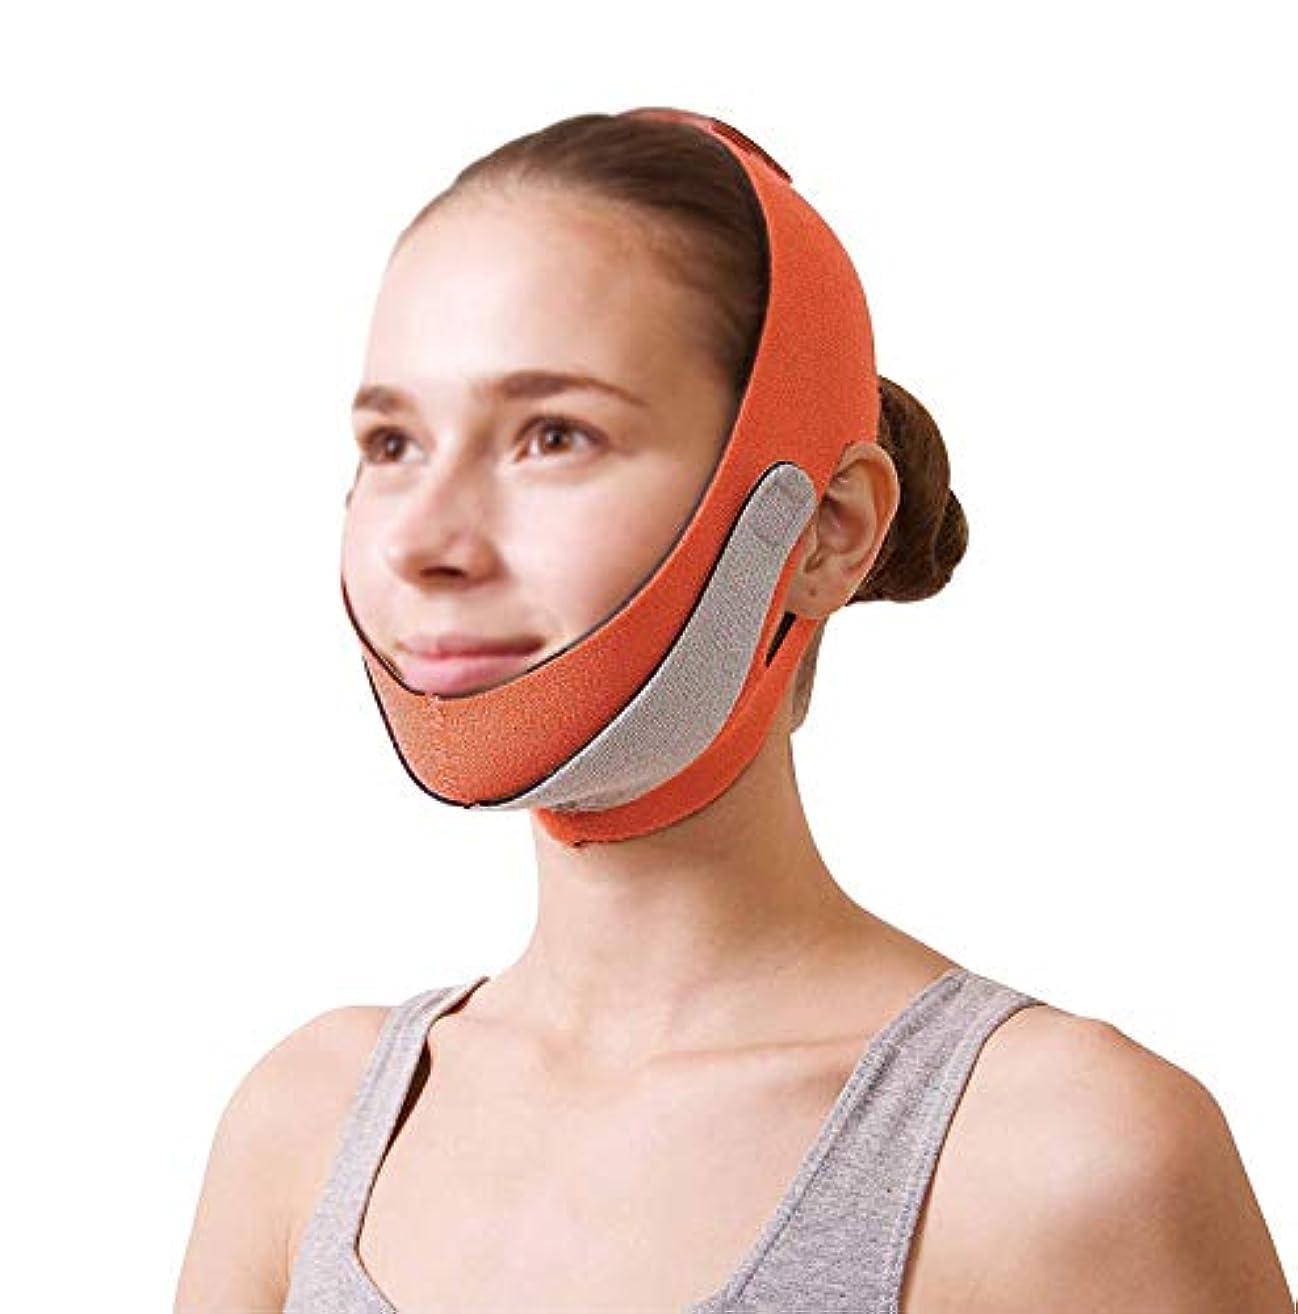 オーバーコート危機博覧会GLJJQMY 薄いフェイスマスクあごストラップ回復パッチ包帯ヘッドマスクフェイシャルマスクフェイシャルマスクアーティファクト美容フェイシャルとネックリフトオレンジマスク 顔用整形マスク